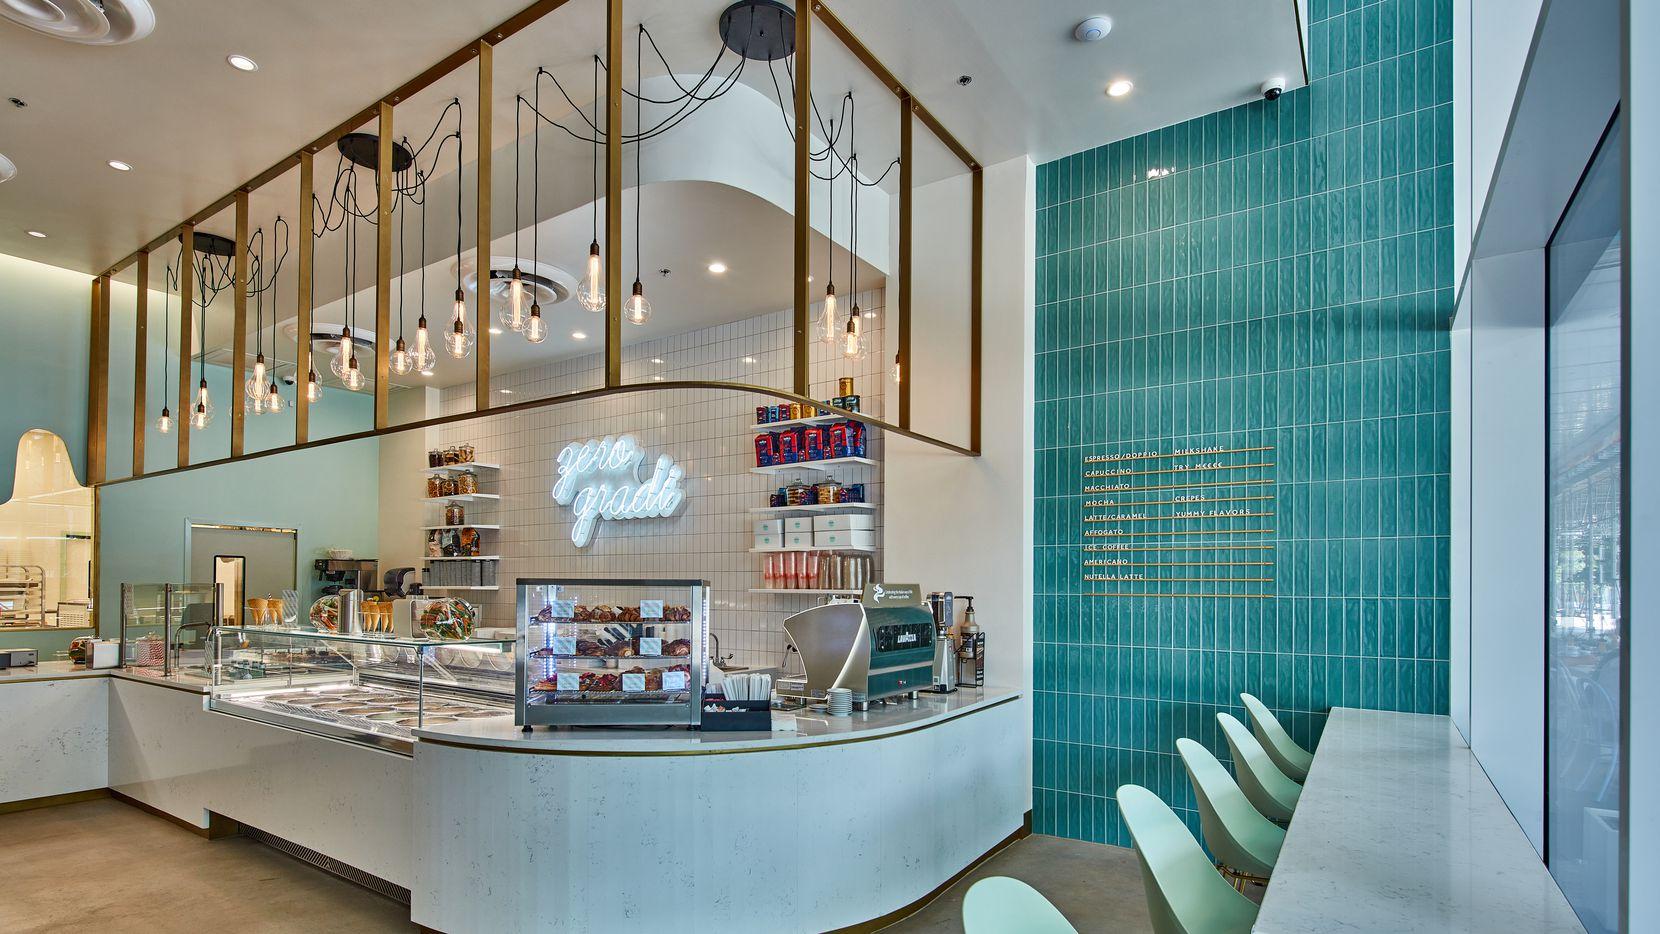 Zero Gradi Gelateria and Dessert Bar has opened in downtown Dallas.